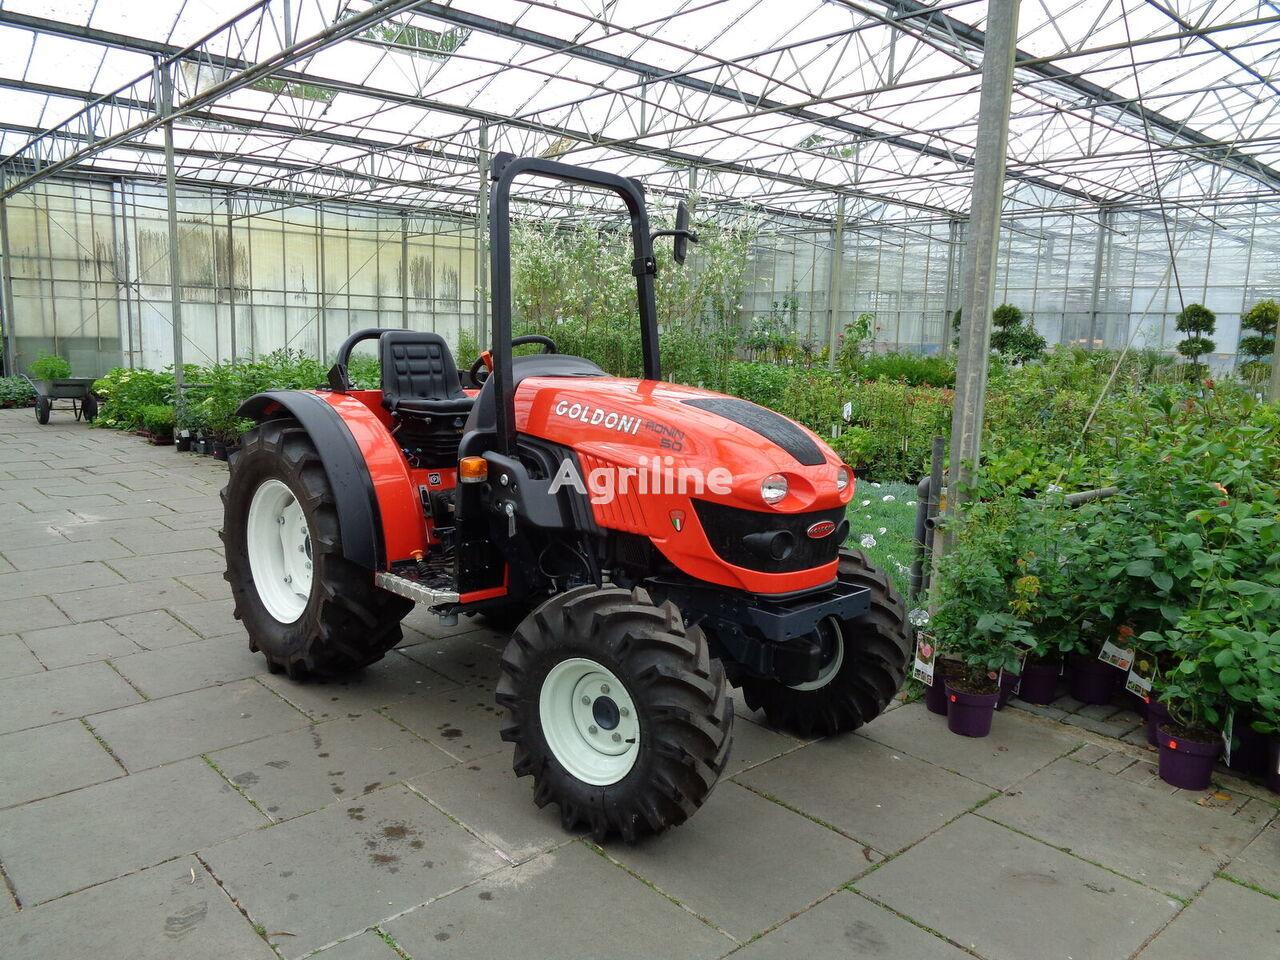 Mini Traktor Goldoni ronin 50